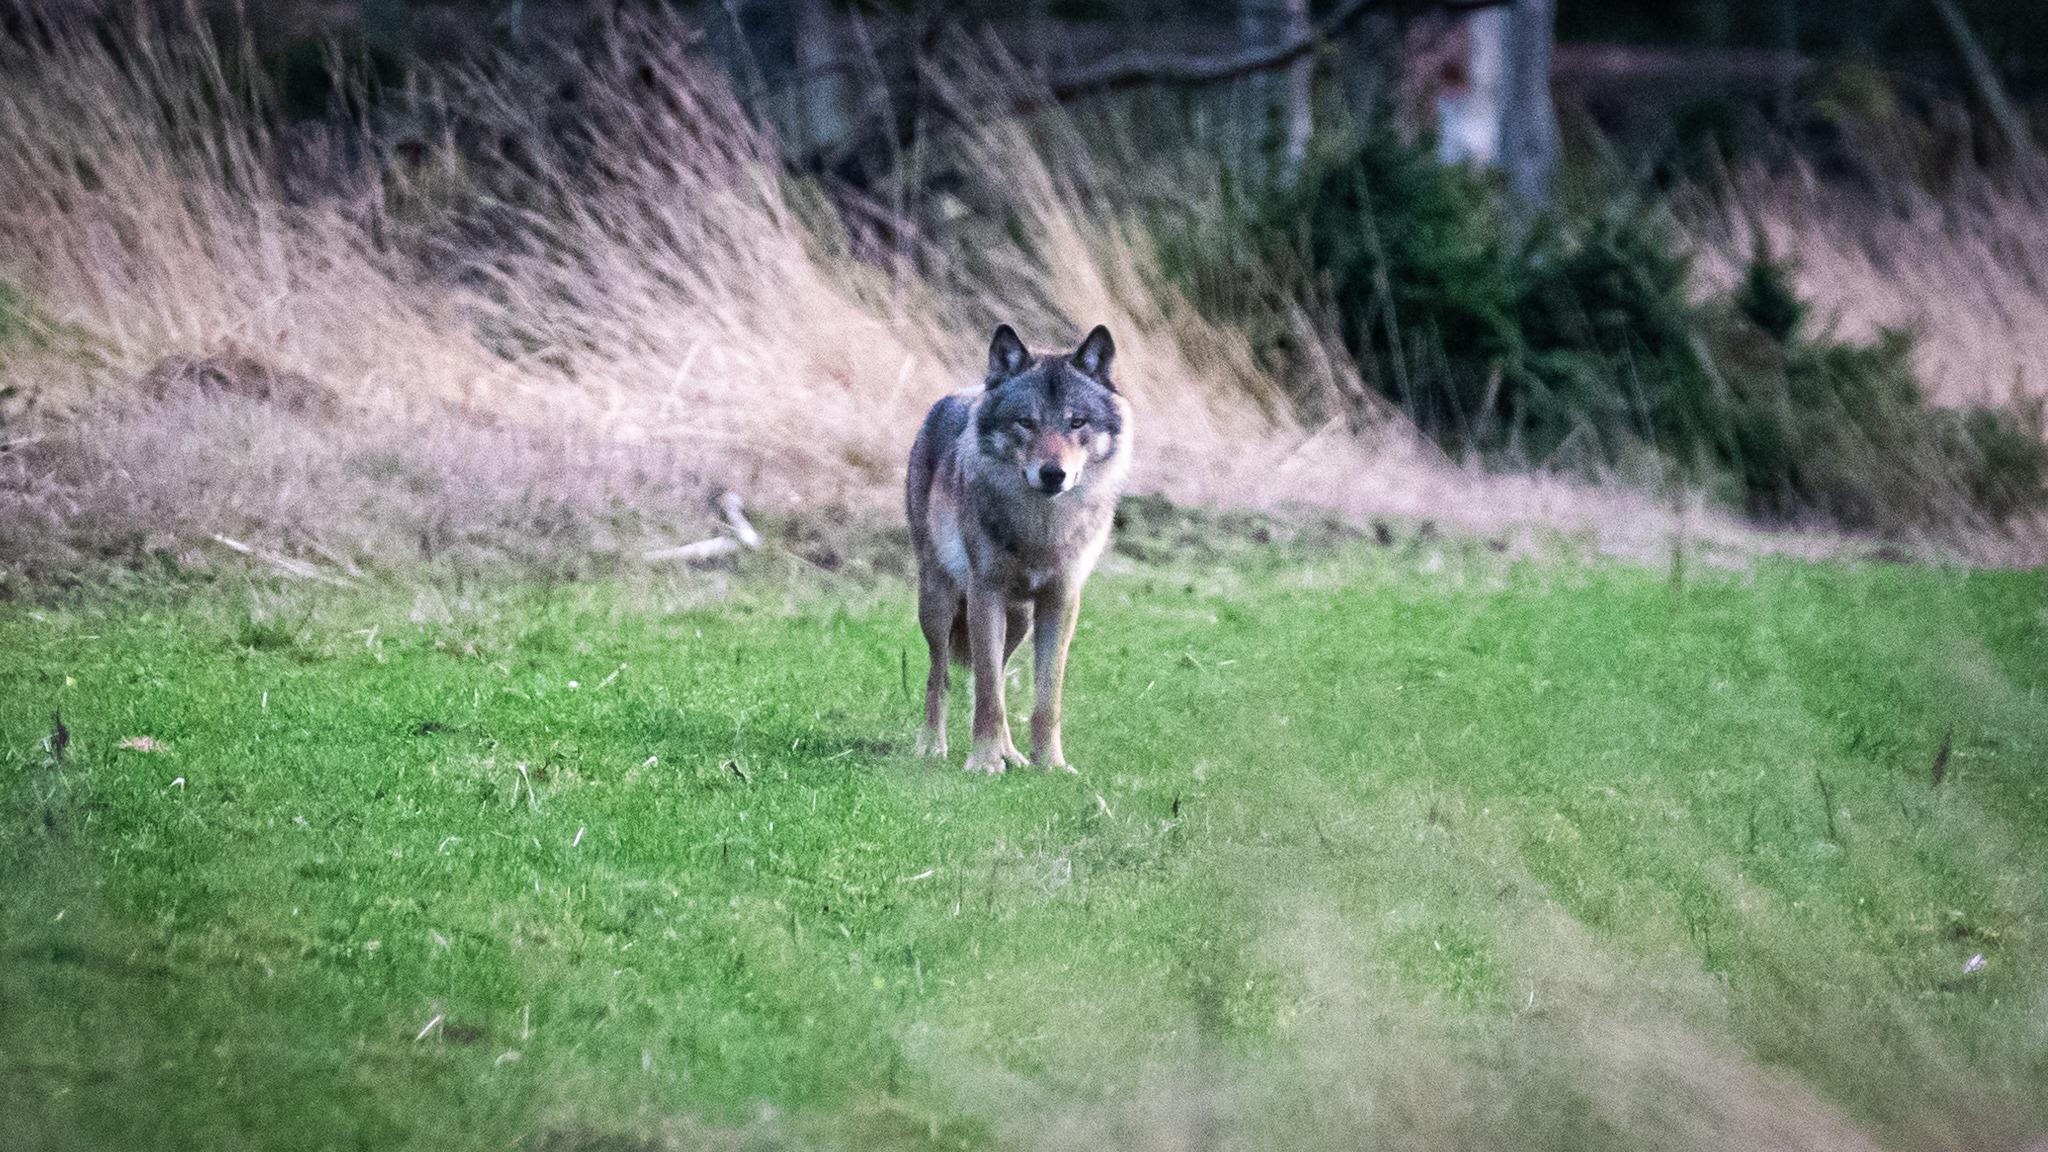 Flere danske ulve forsvundet sporløst siden 2012